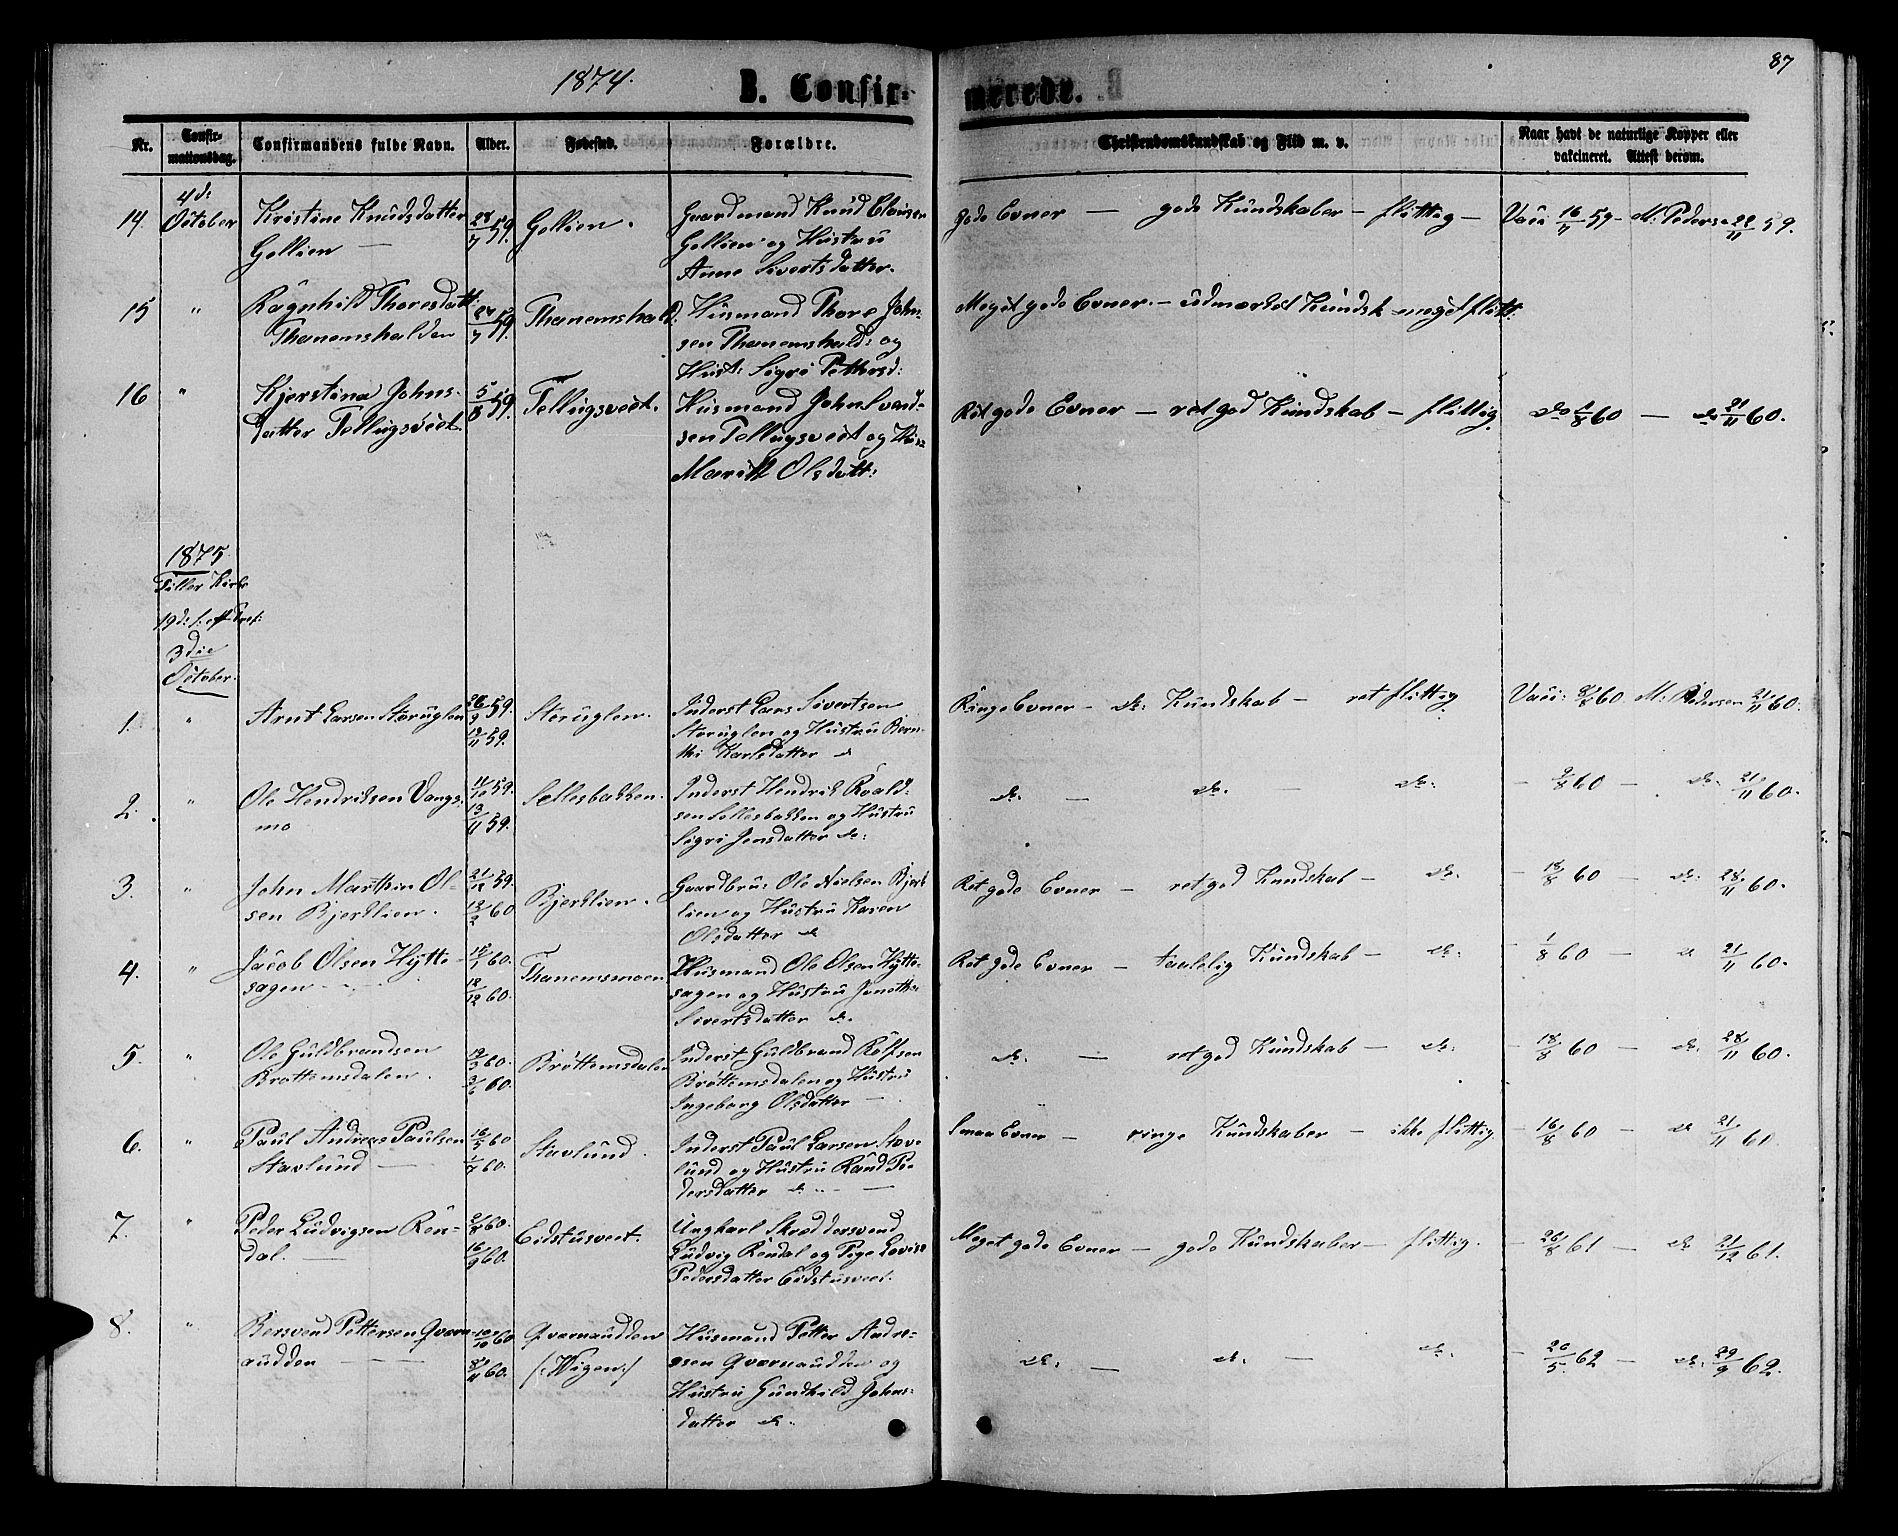 SAT, Ministerialprotokoller, klokkerbøker og fødselsregistre - Sør-Trøndelag, 618/L0451: Klokkerbok nr. 618C02, 1865-1883, s. 87